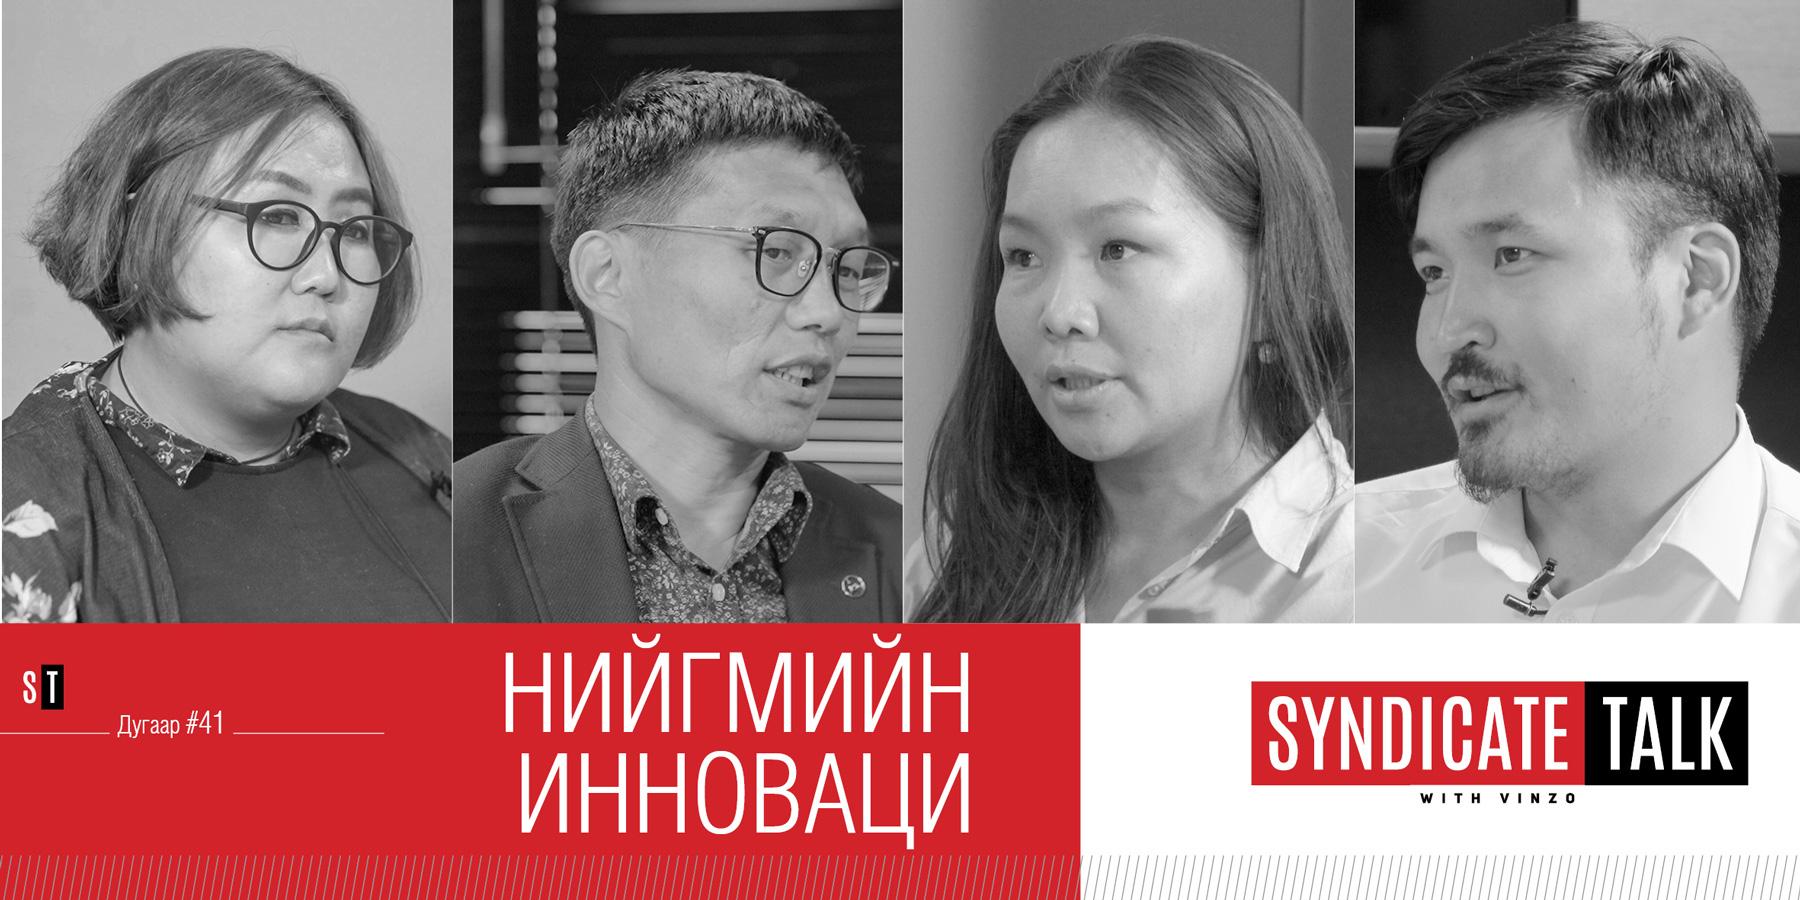 Syndicate talk: Нийгмийн инноваци